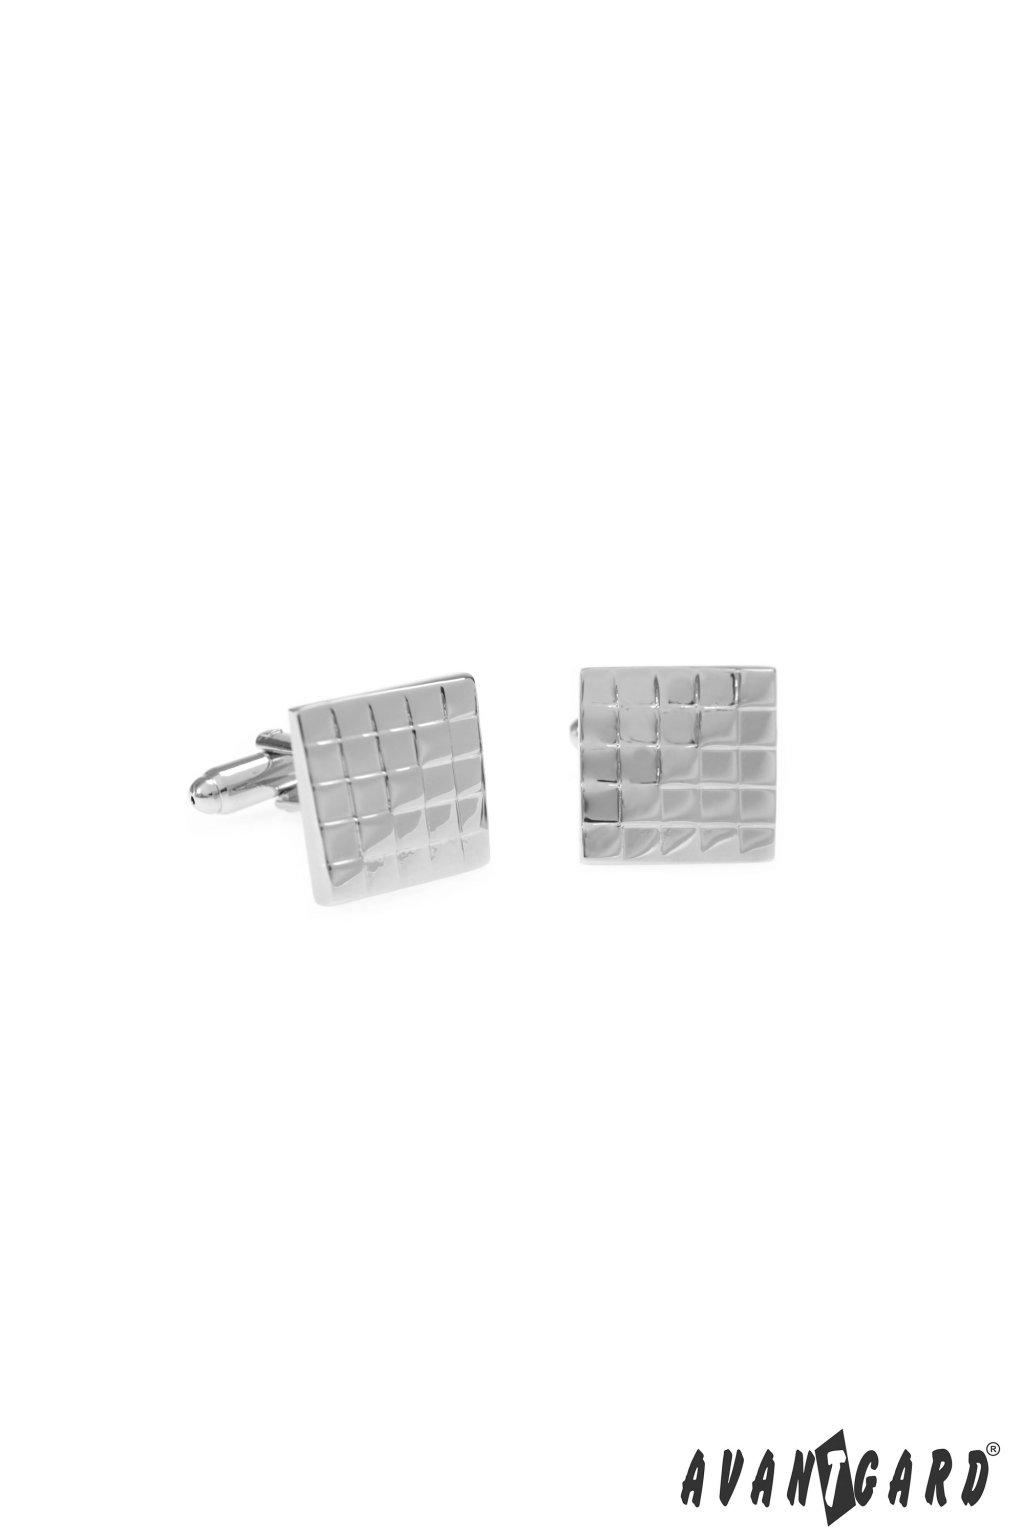 Manžetové knoflíčky PREMIUM stříbrná lesk 573 - 20696